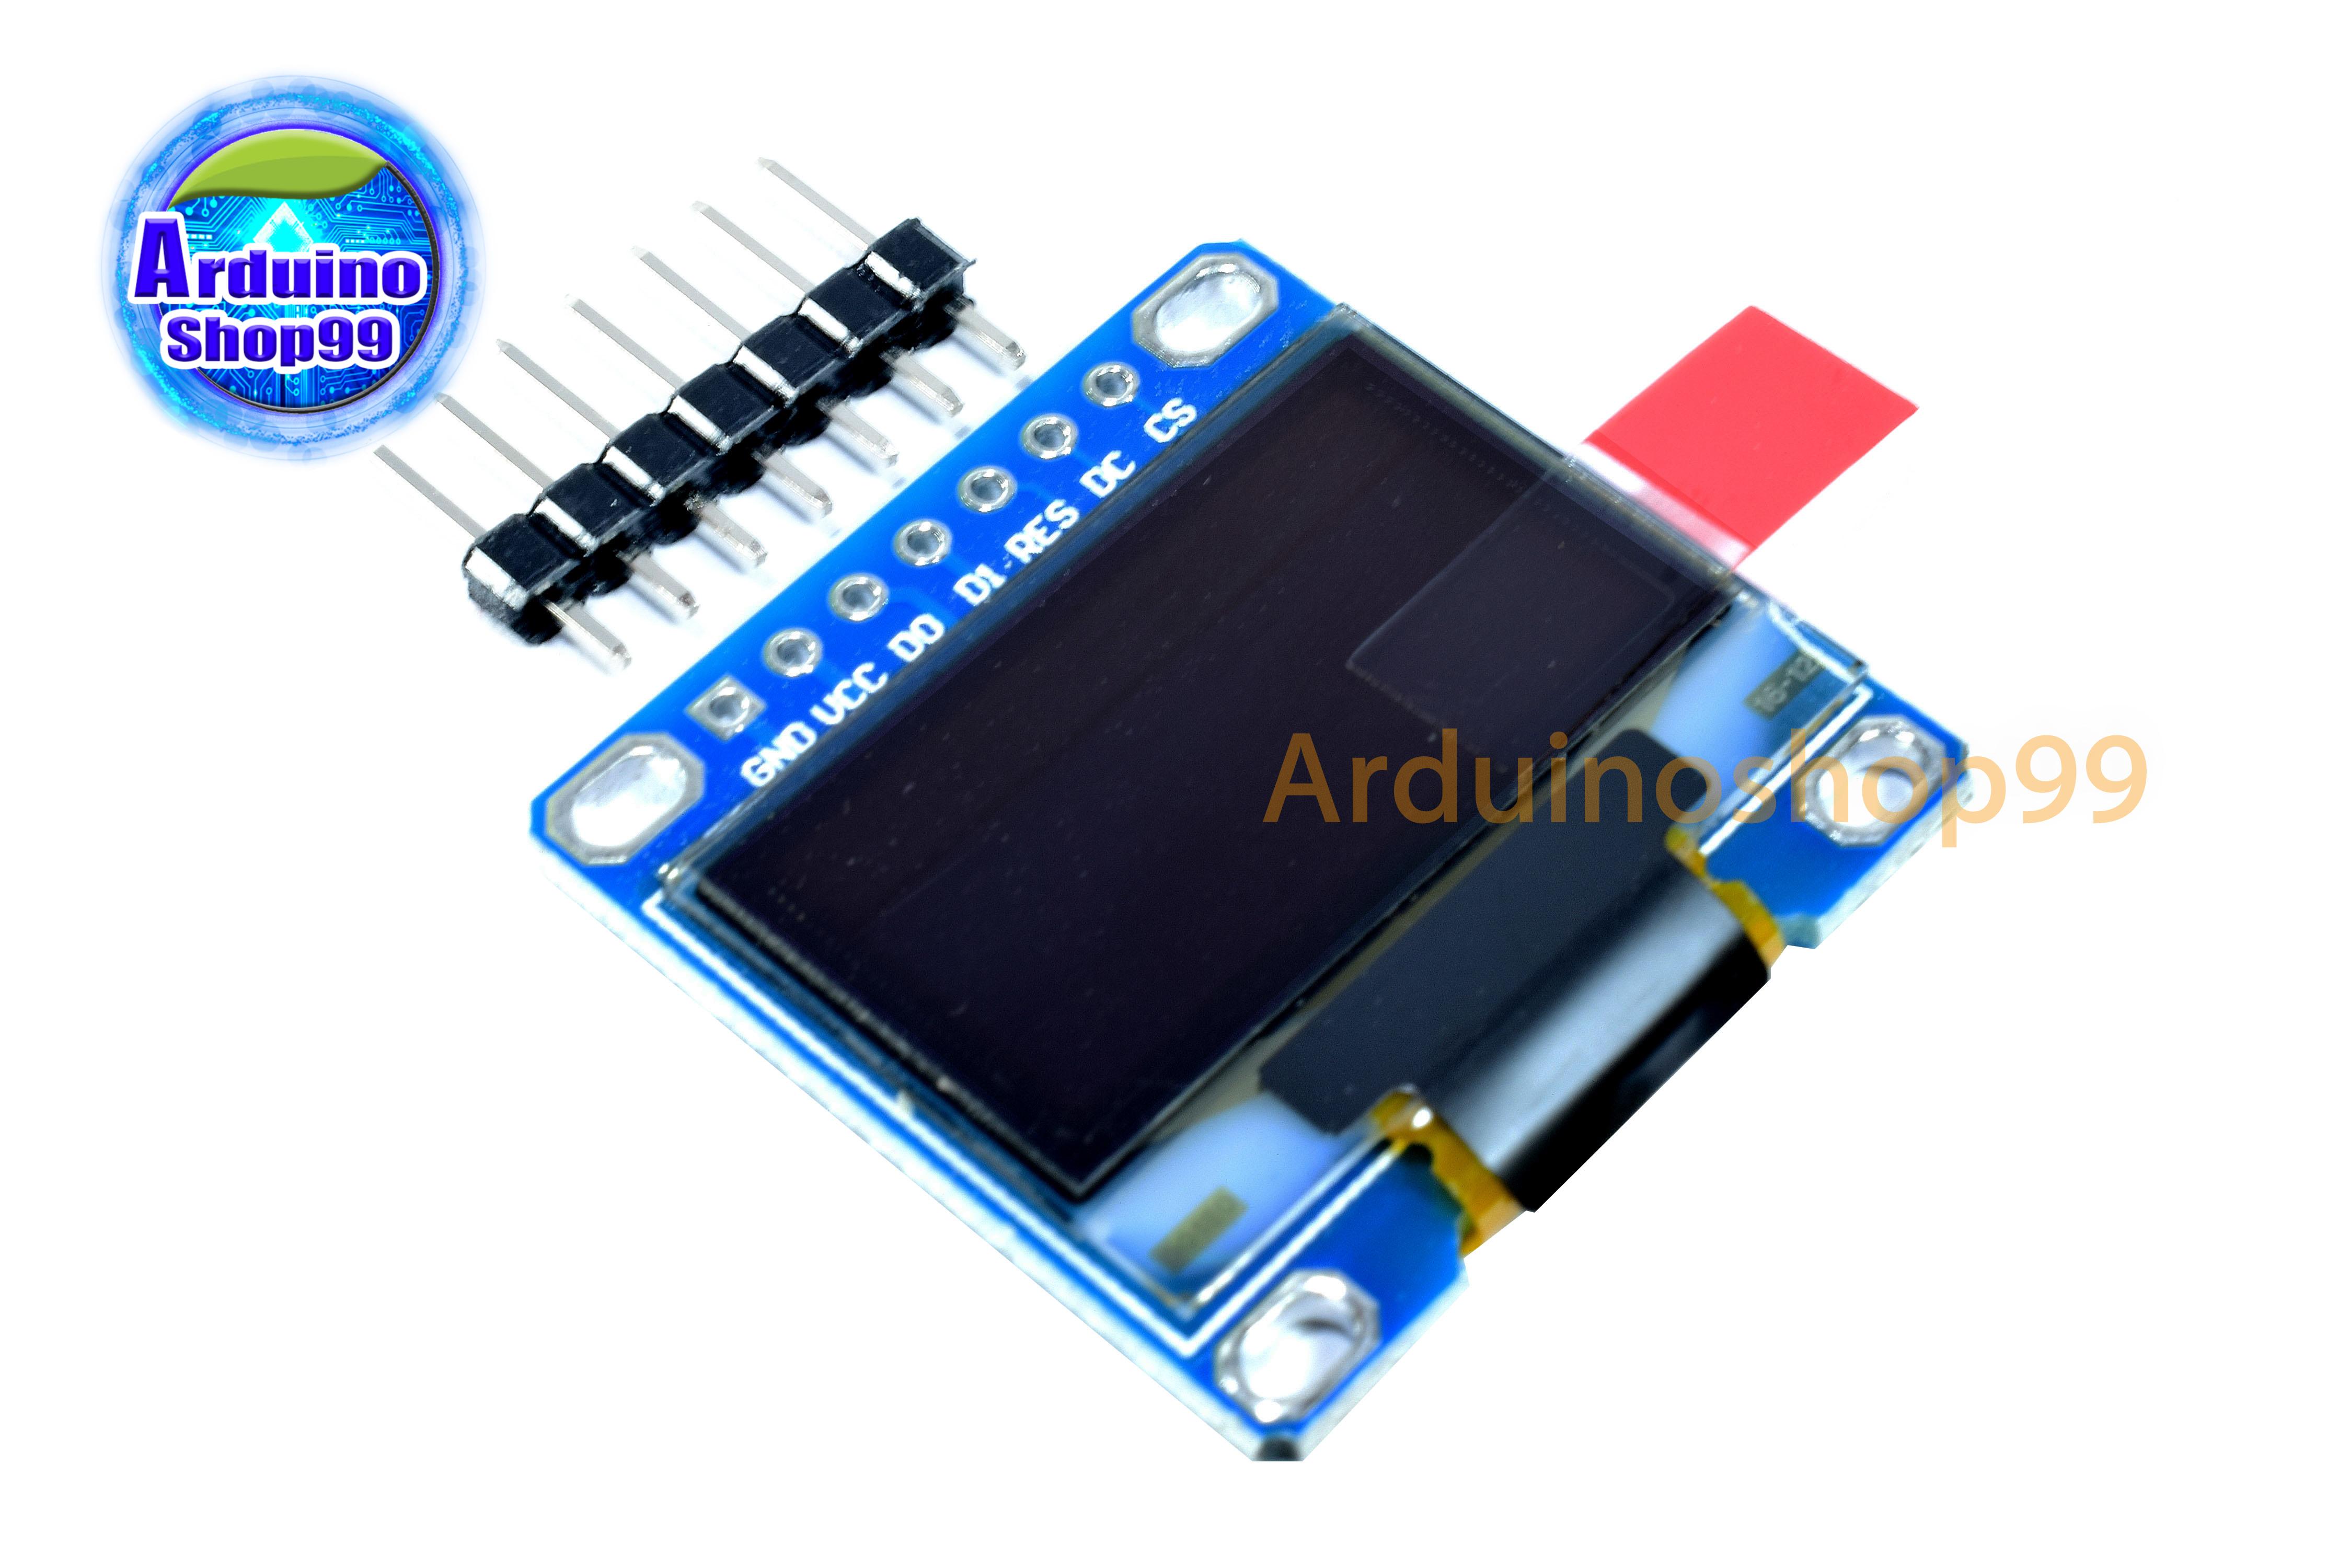 จอแสดงผล OLED ขนาด 0 96 นิ้ว แบบ SPI/I2C สีขาว 7 pin